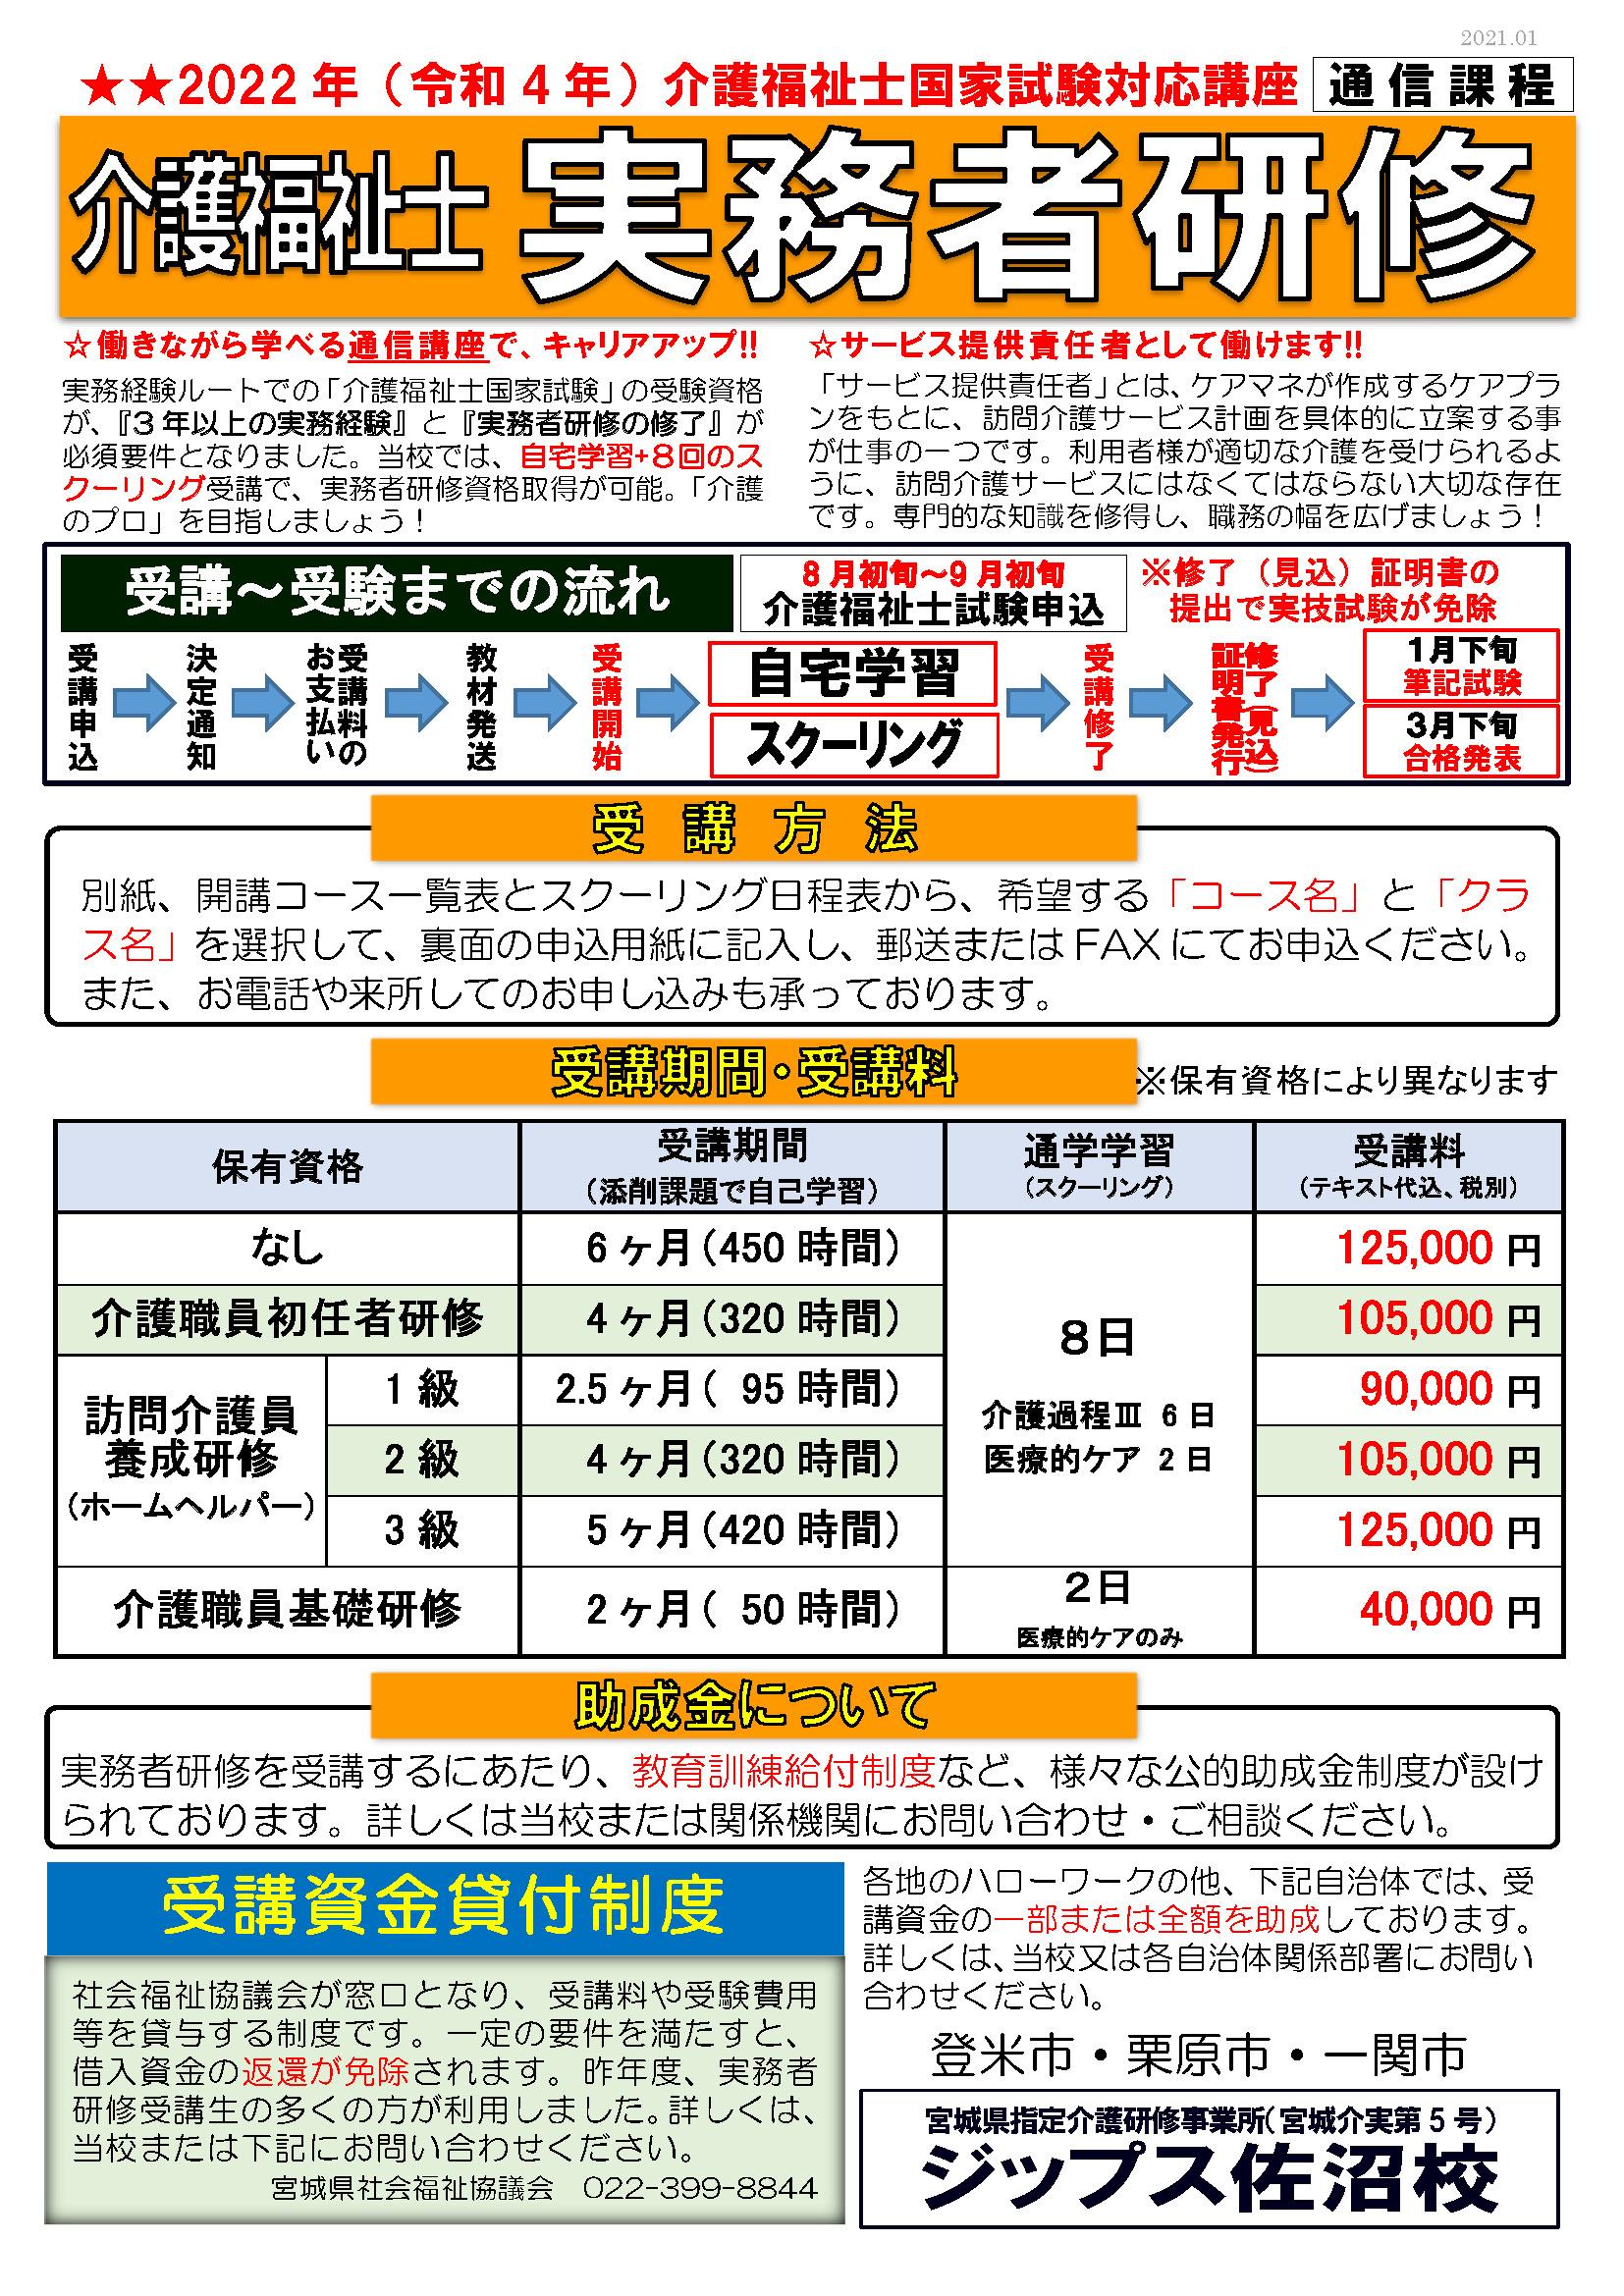 実務者総合チラシ2021年年間スケジュール版_ページ_1